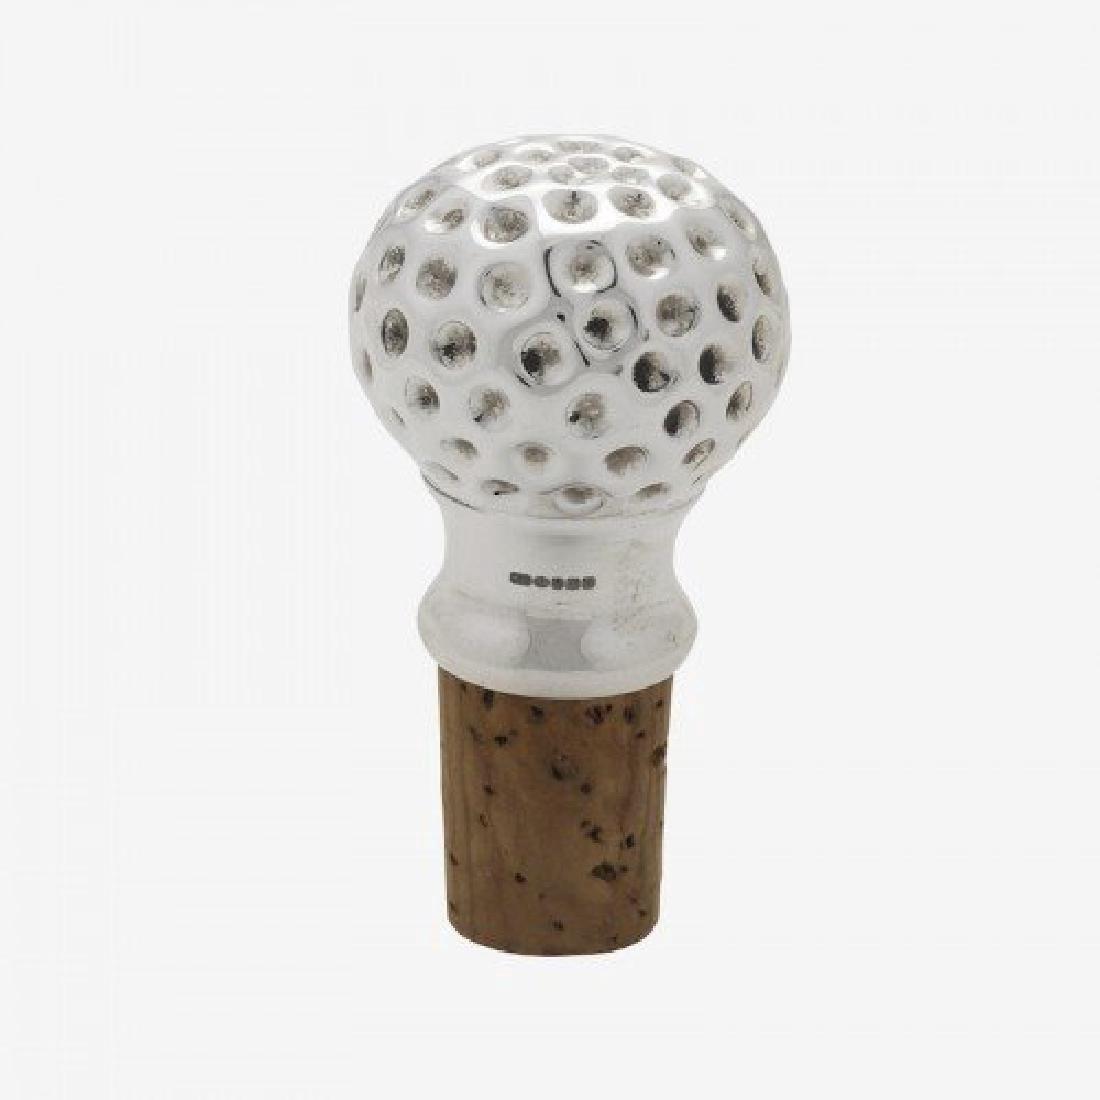 Scottish Sterling Silver Golf Ball Bottle Stopper